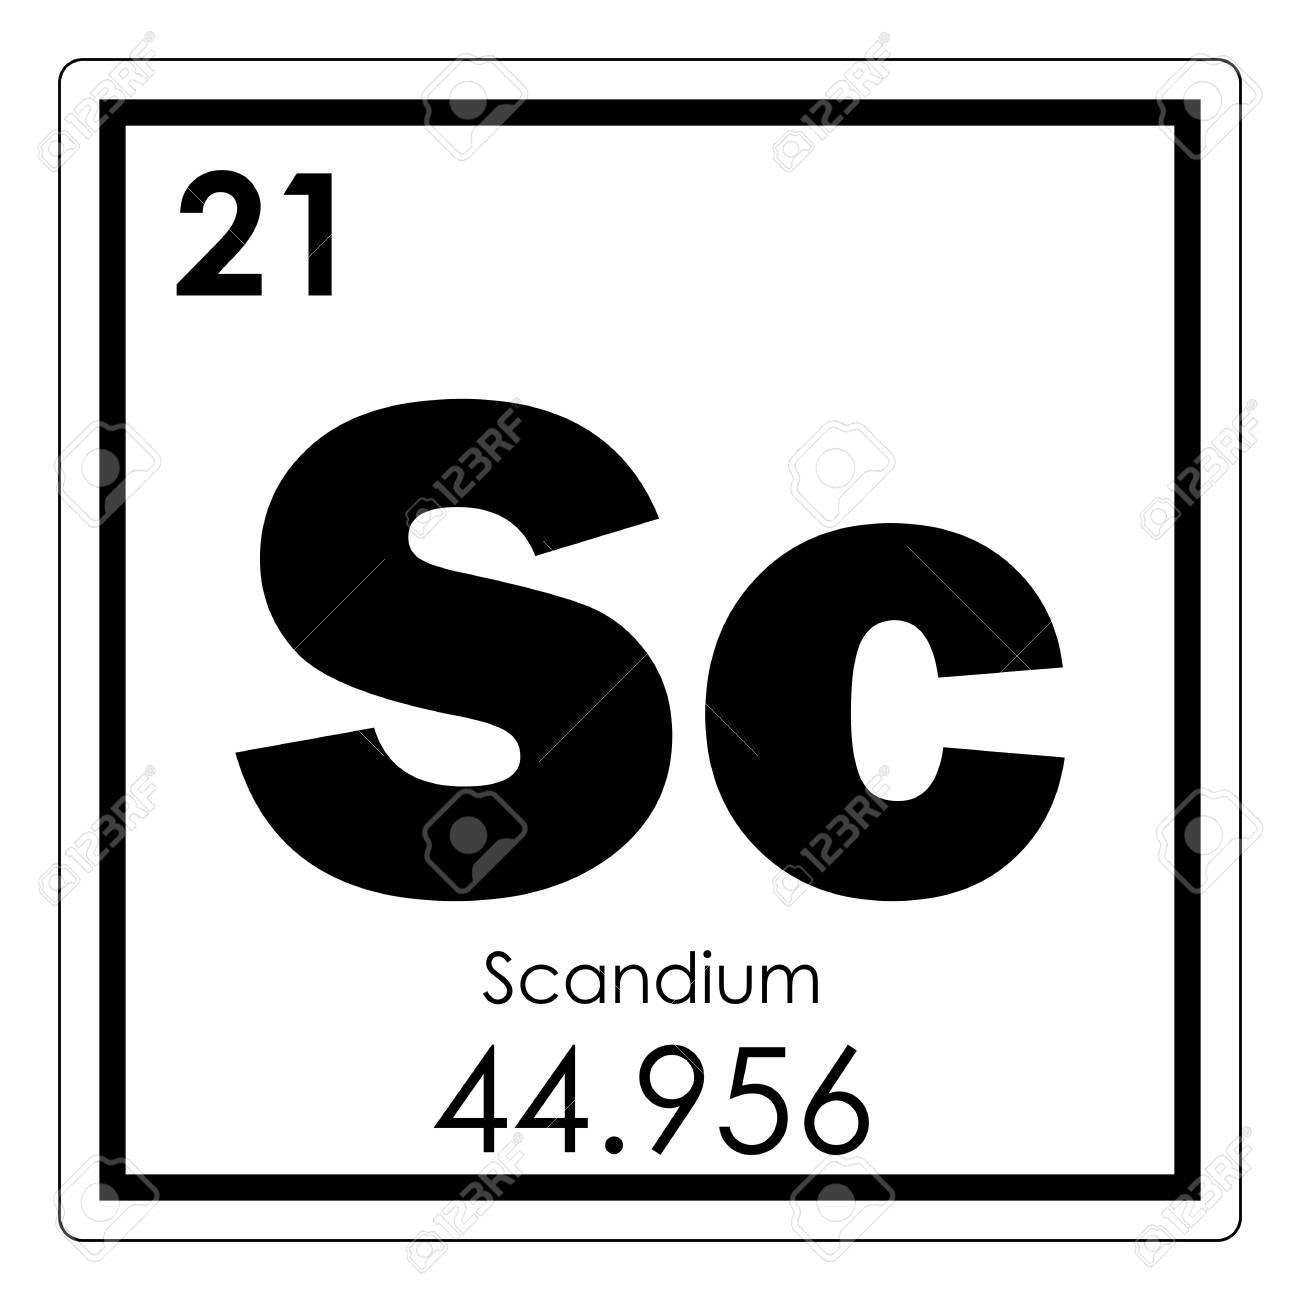 Scandium chemical element periodic table science symbol stock photo scandium chemical element periodic table science symbol stock photo 93637644 urtaz Images